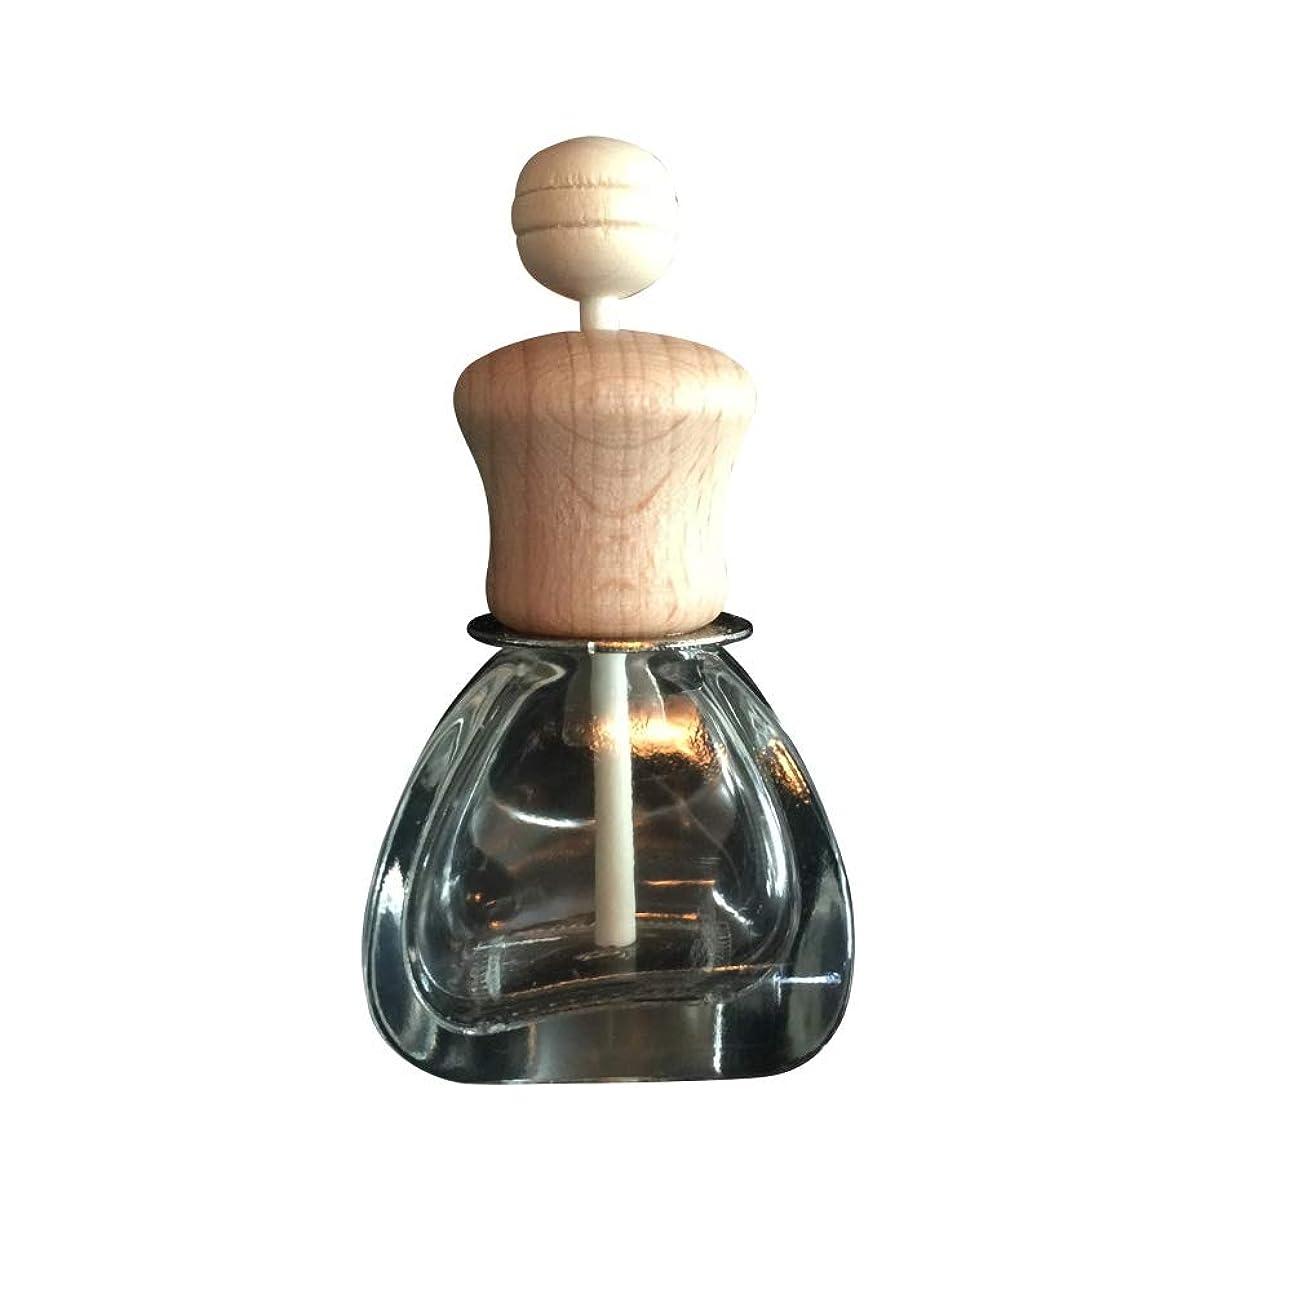 モンクピラミッド供給KISSION カーベント香水瓶 詰め替え可能 車のペンダント 芳香剤 香水ディフューザー 香水瓶 掛けて 空気清涼剤 ディフューザー フレグランスボトル